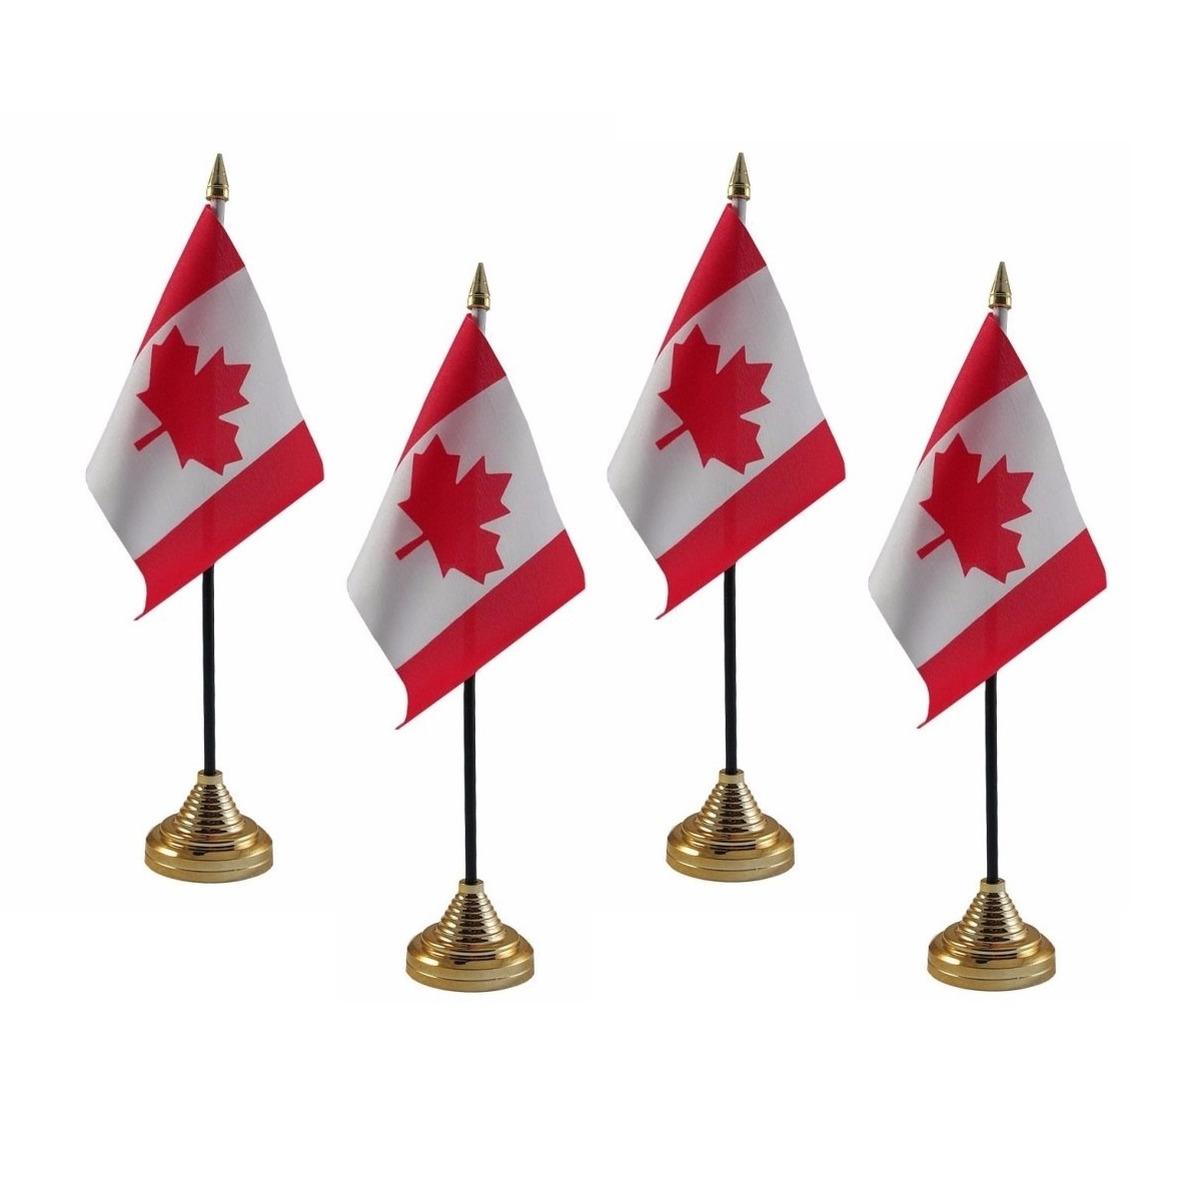 4x stuks Canada tafelvlaggetjes 10 x 15 cm met standaard